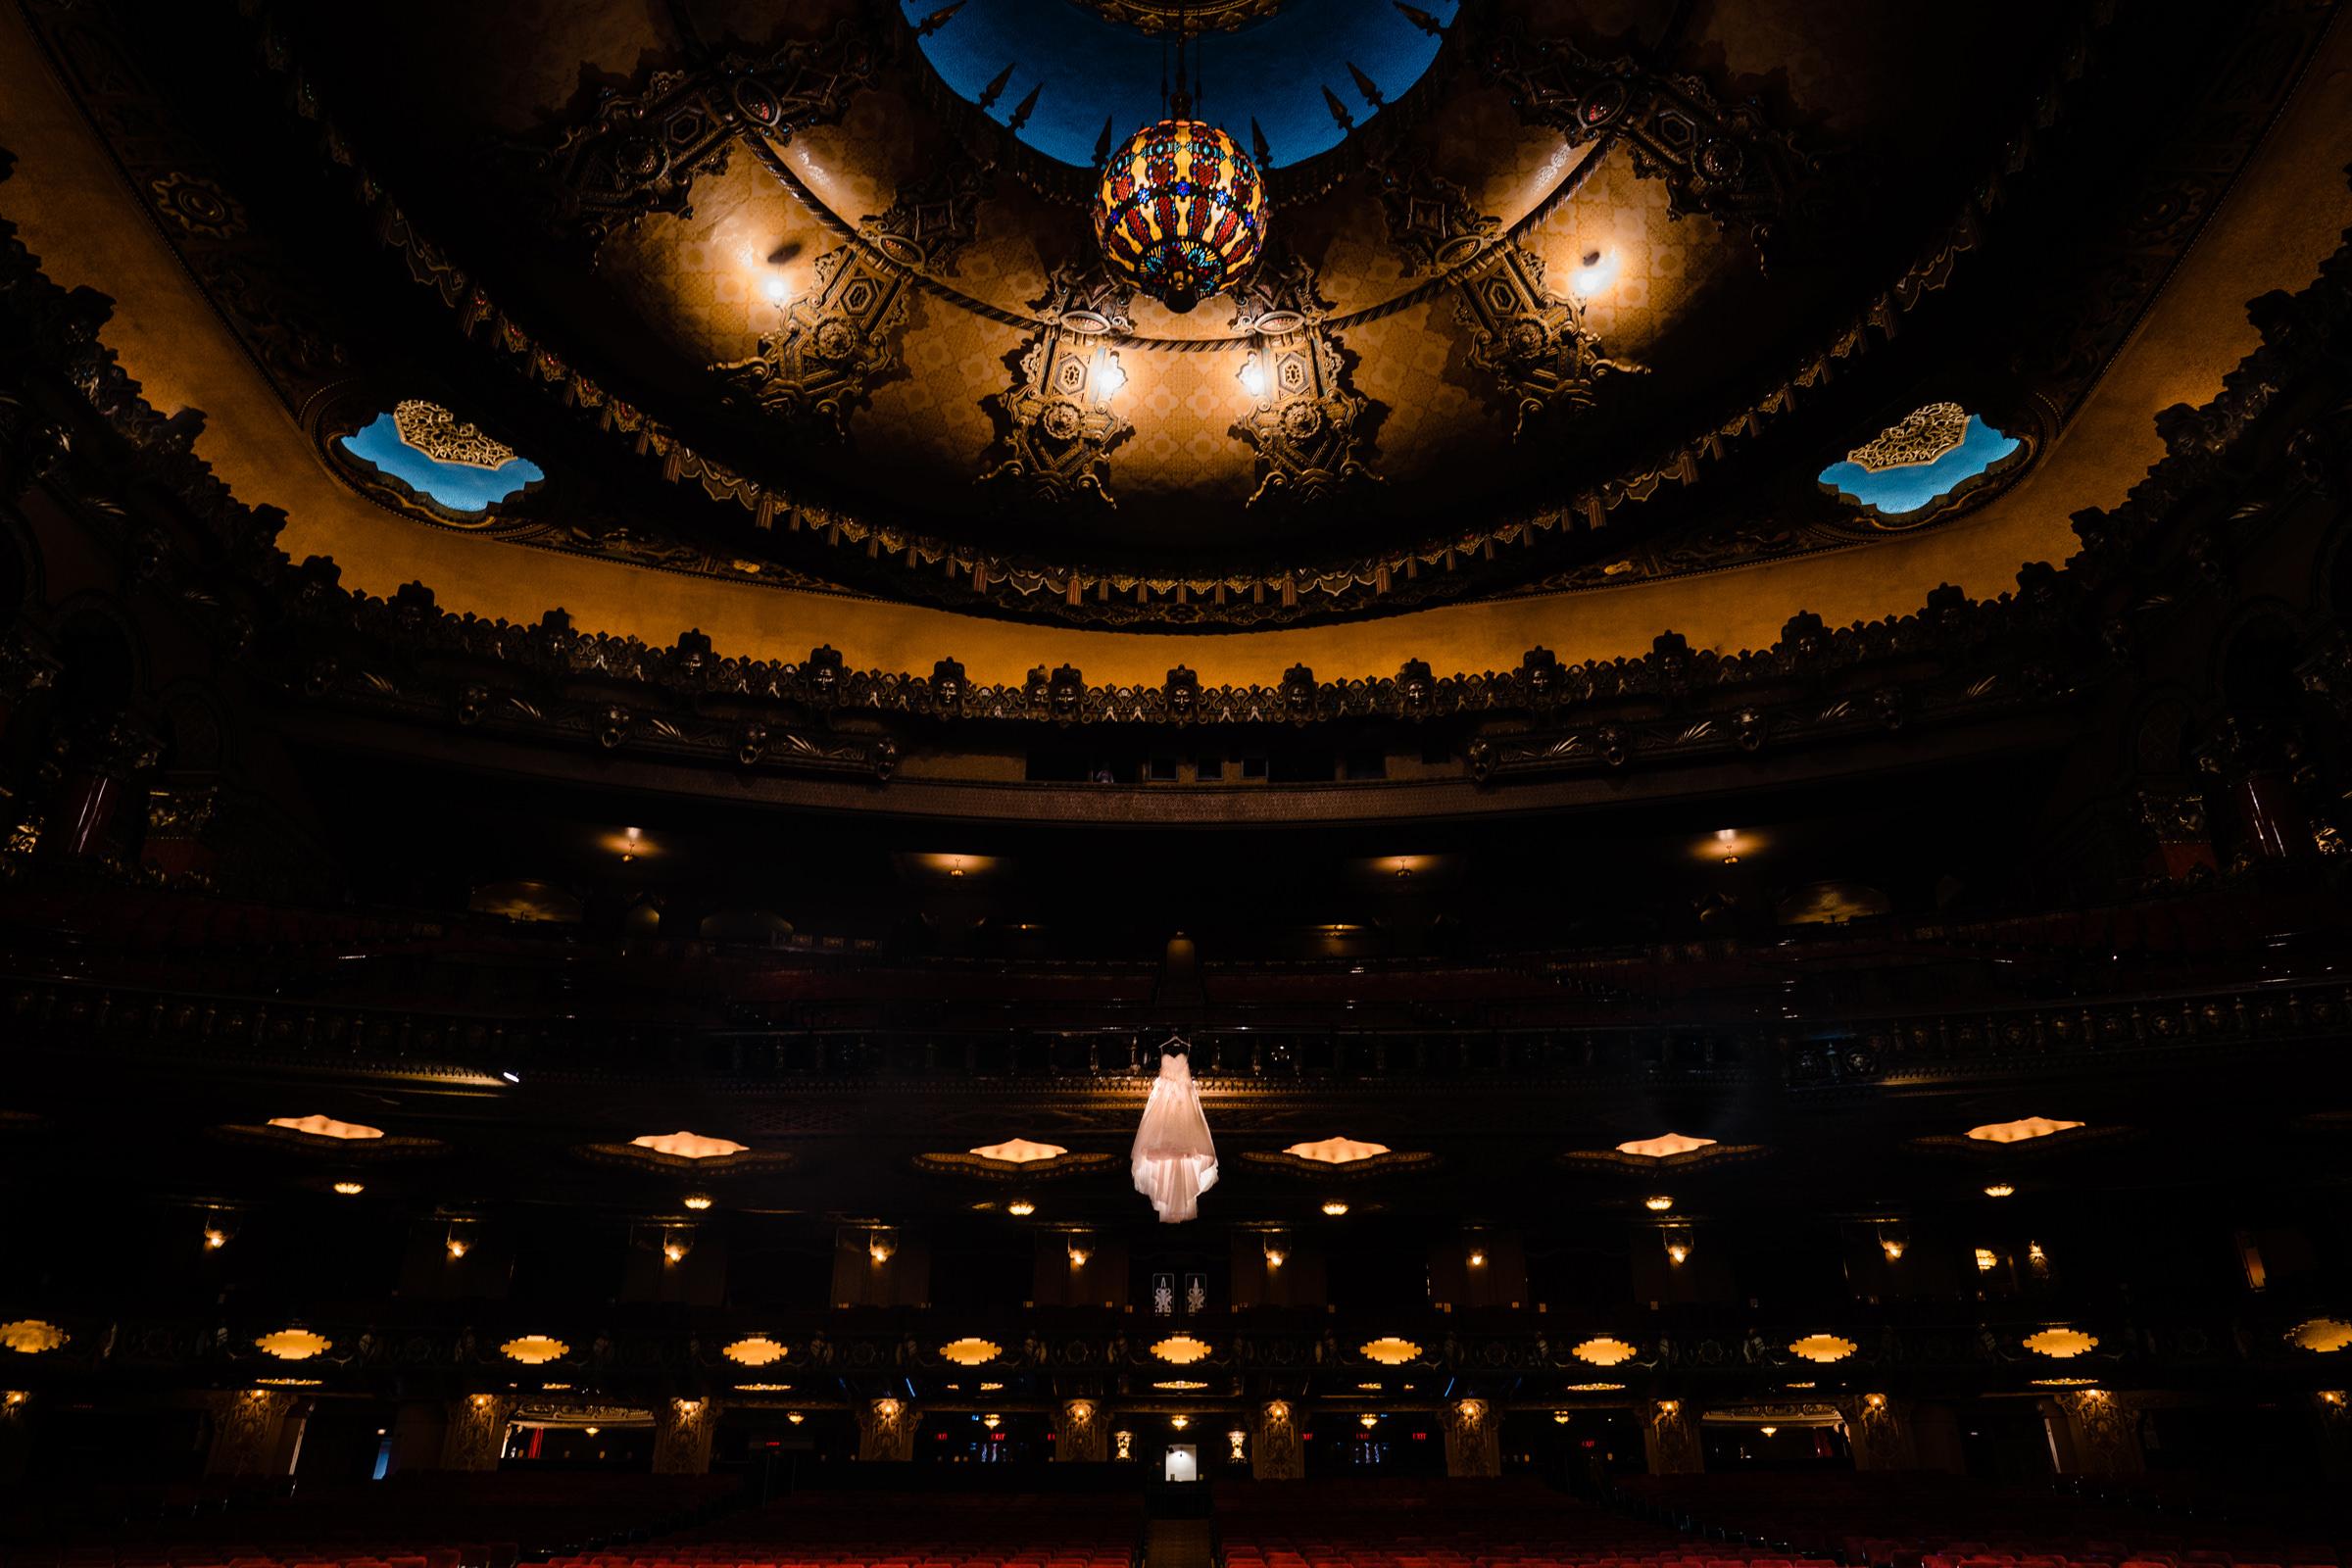 theater-lighting-vinson-images.jpg